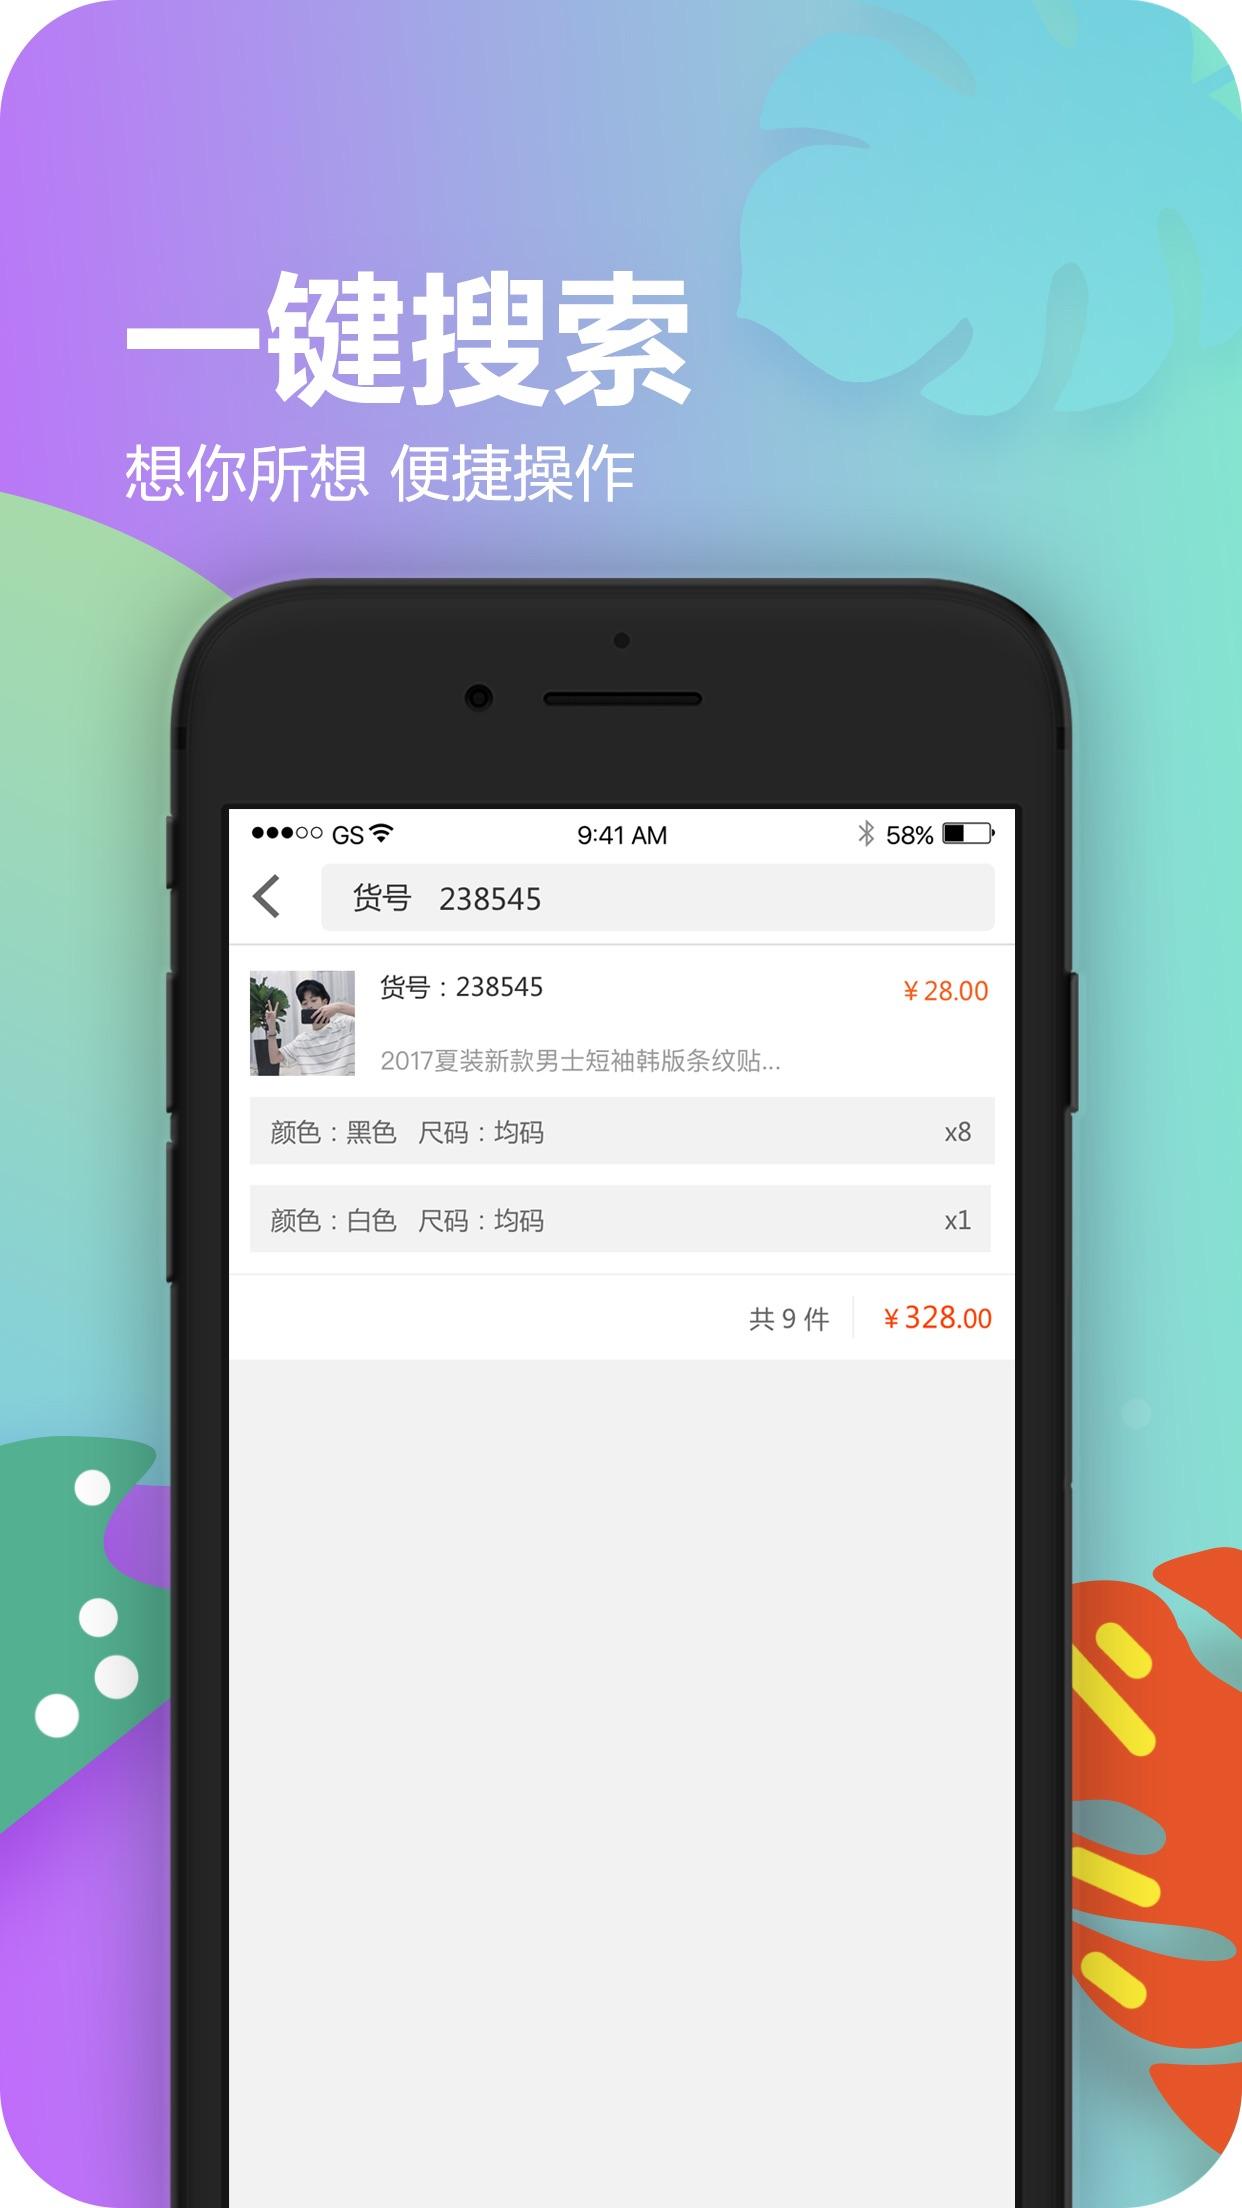 星座供货商 Screenshot